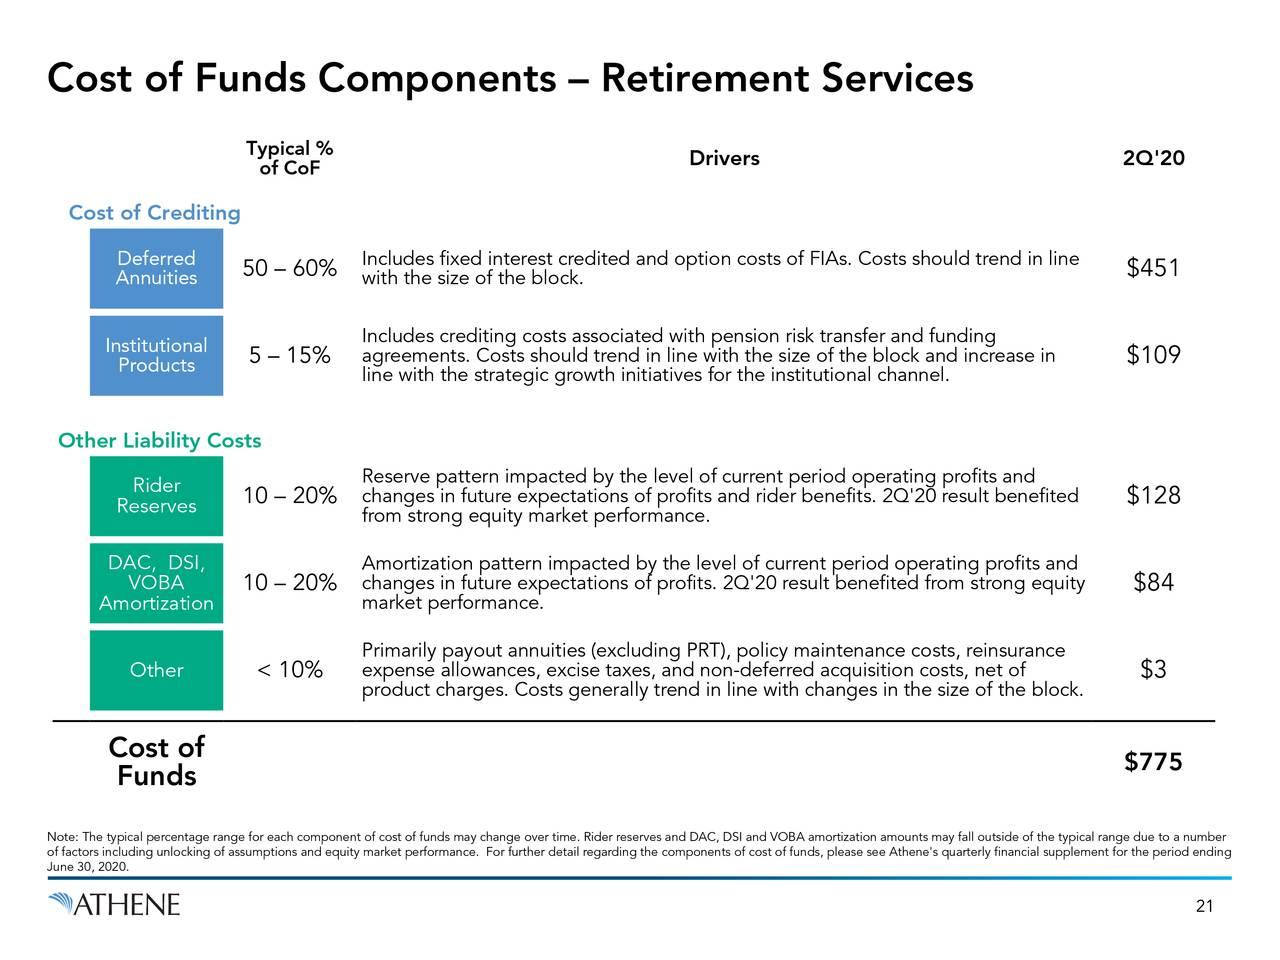 Componentes del costo de fondos: servicios de jubilación